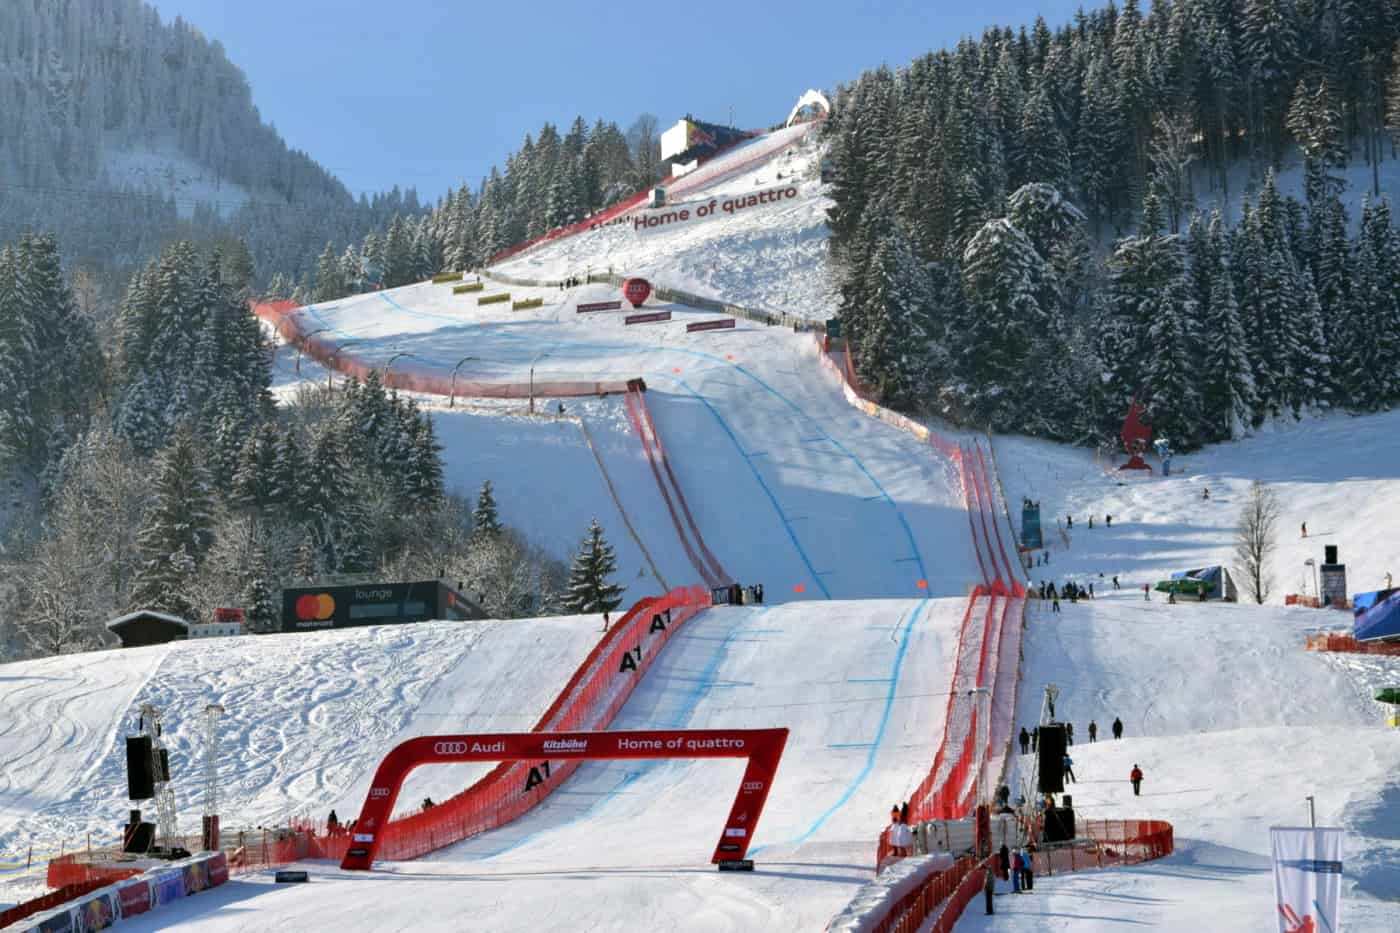 Hahnenkamm Rennen Kitzbühel